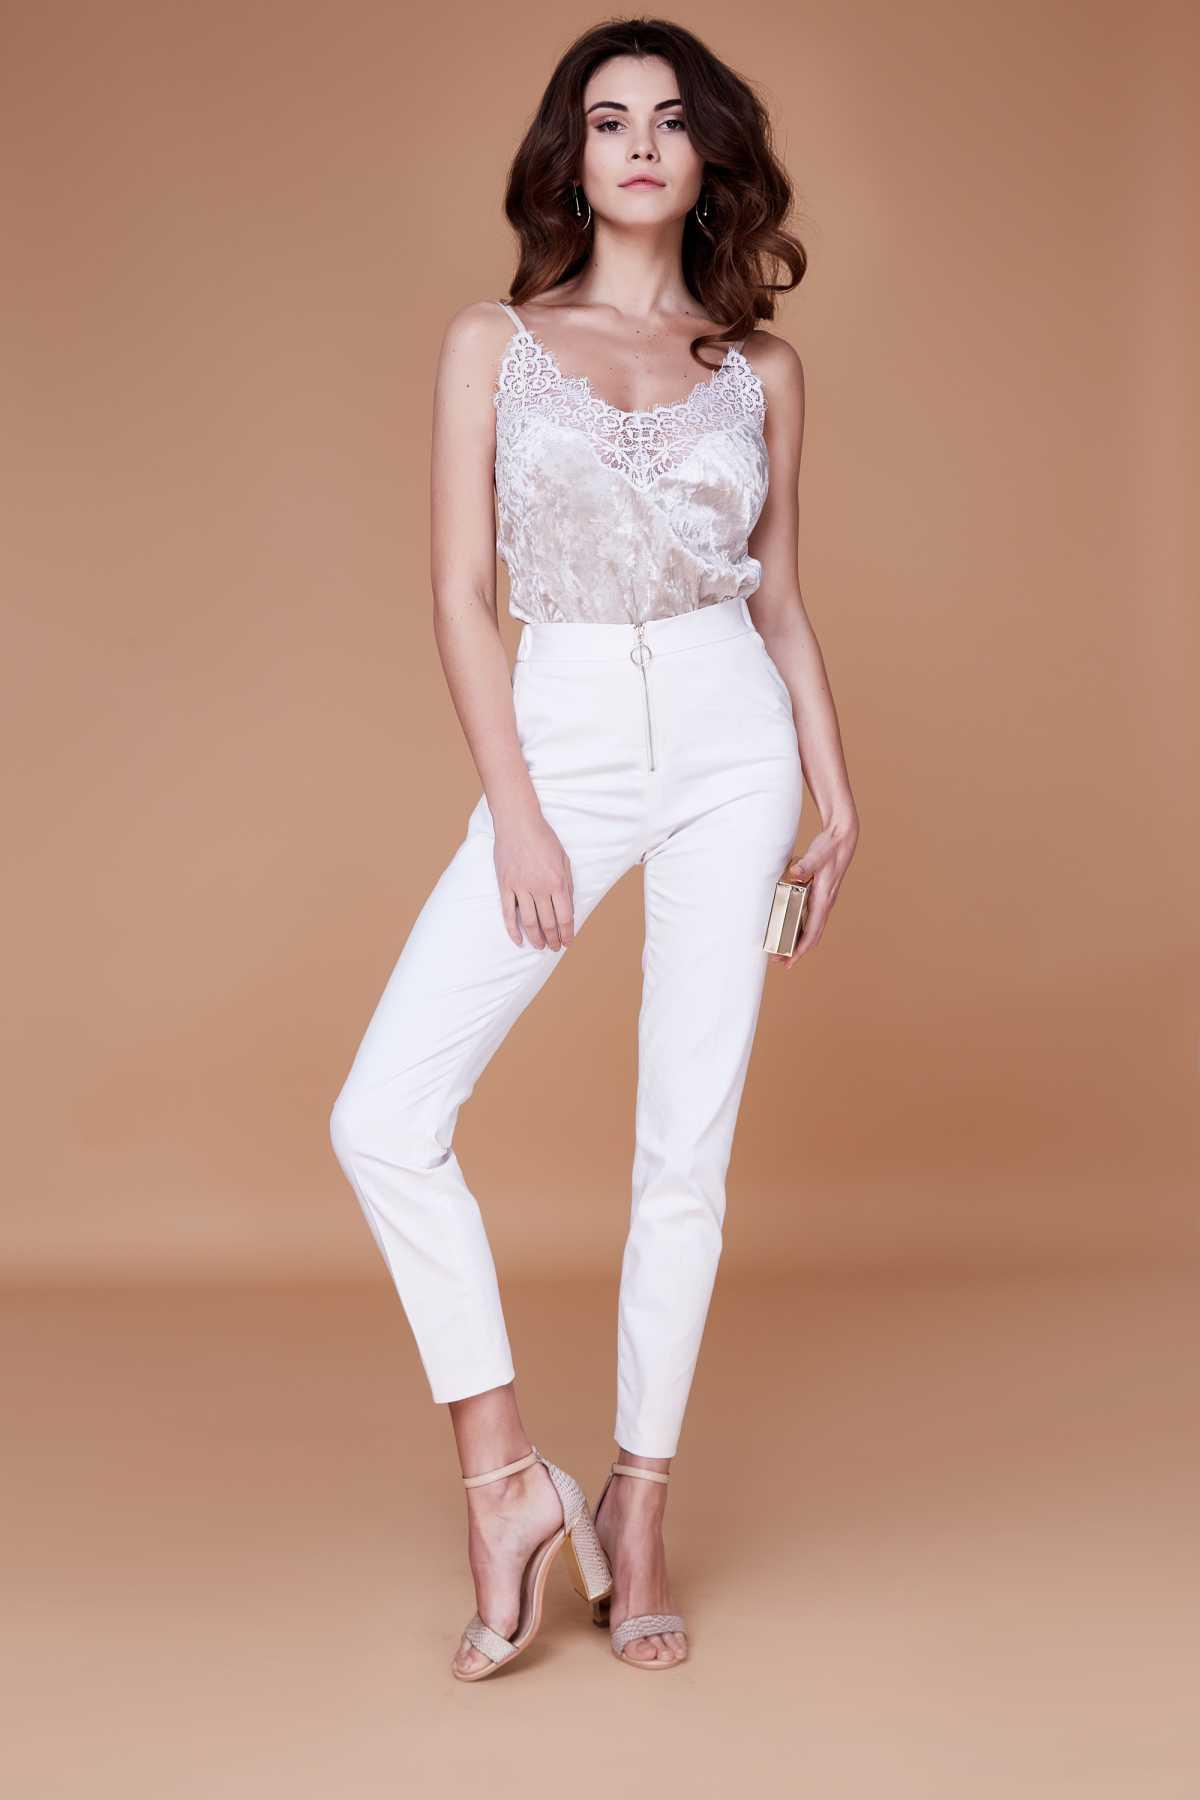 moda empoderada é uma das tendências da moda para o verão 2020